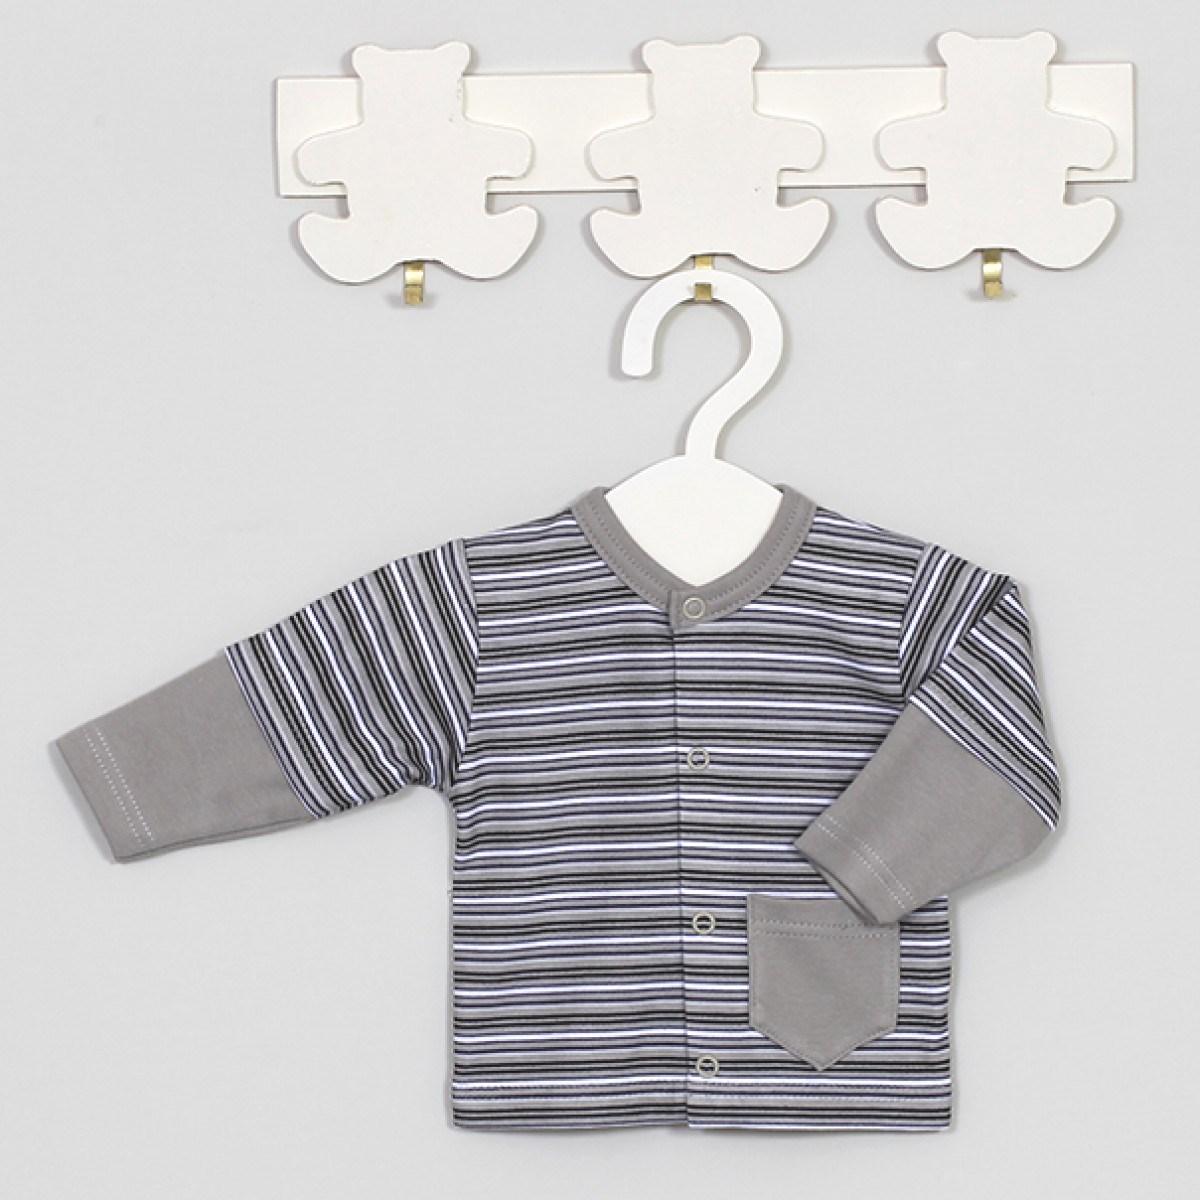 MEDVILNINIAI marškinėliai kūdikiams ILGOMIS RANKOVĖMIS, 56 cm, 62 cm, Tutto, Vilaurita (528)